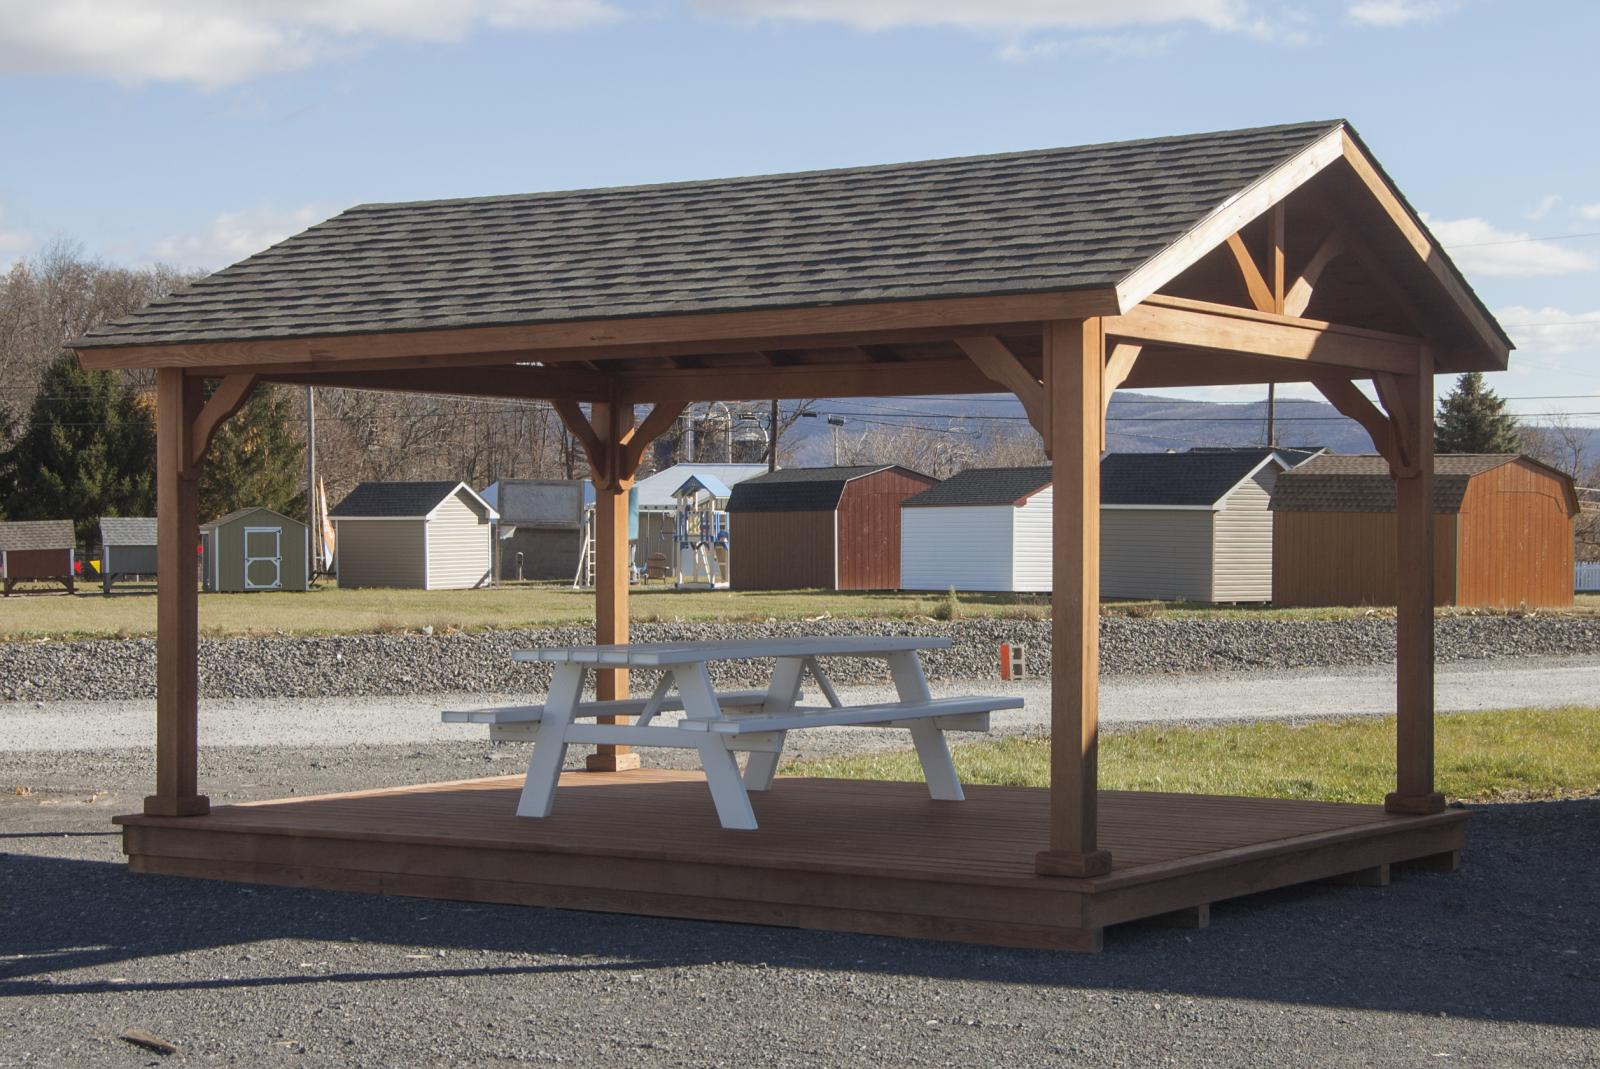 mdoern design outdoor wood gazebo